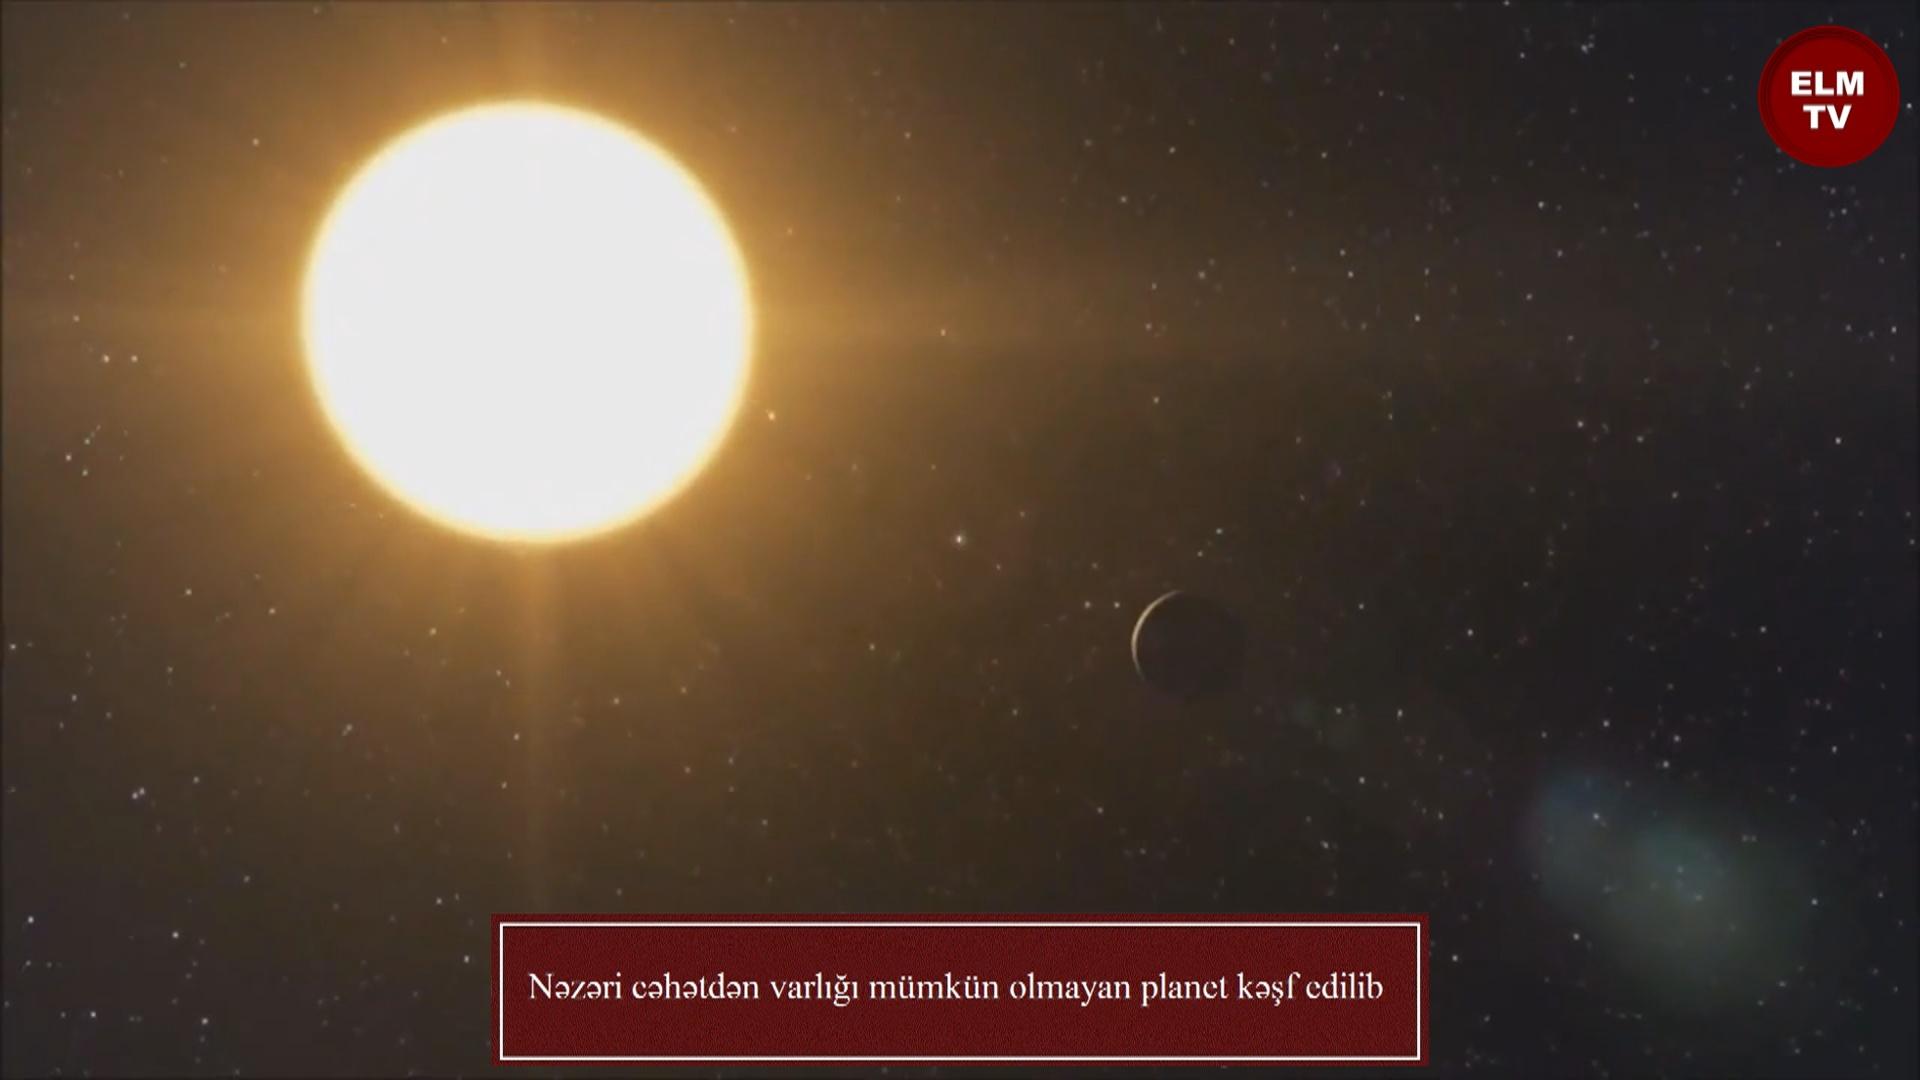 Nəzəri cəhətdən varlığı mümkün olmayan planet kəşf edilib